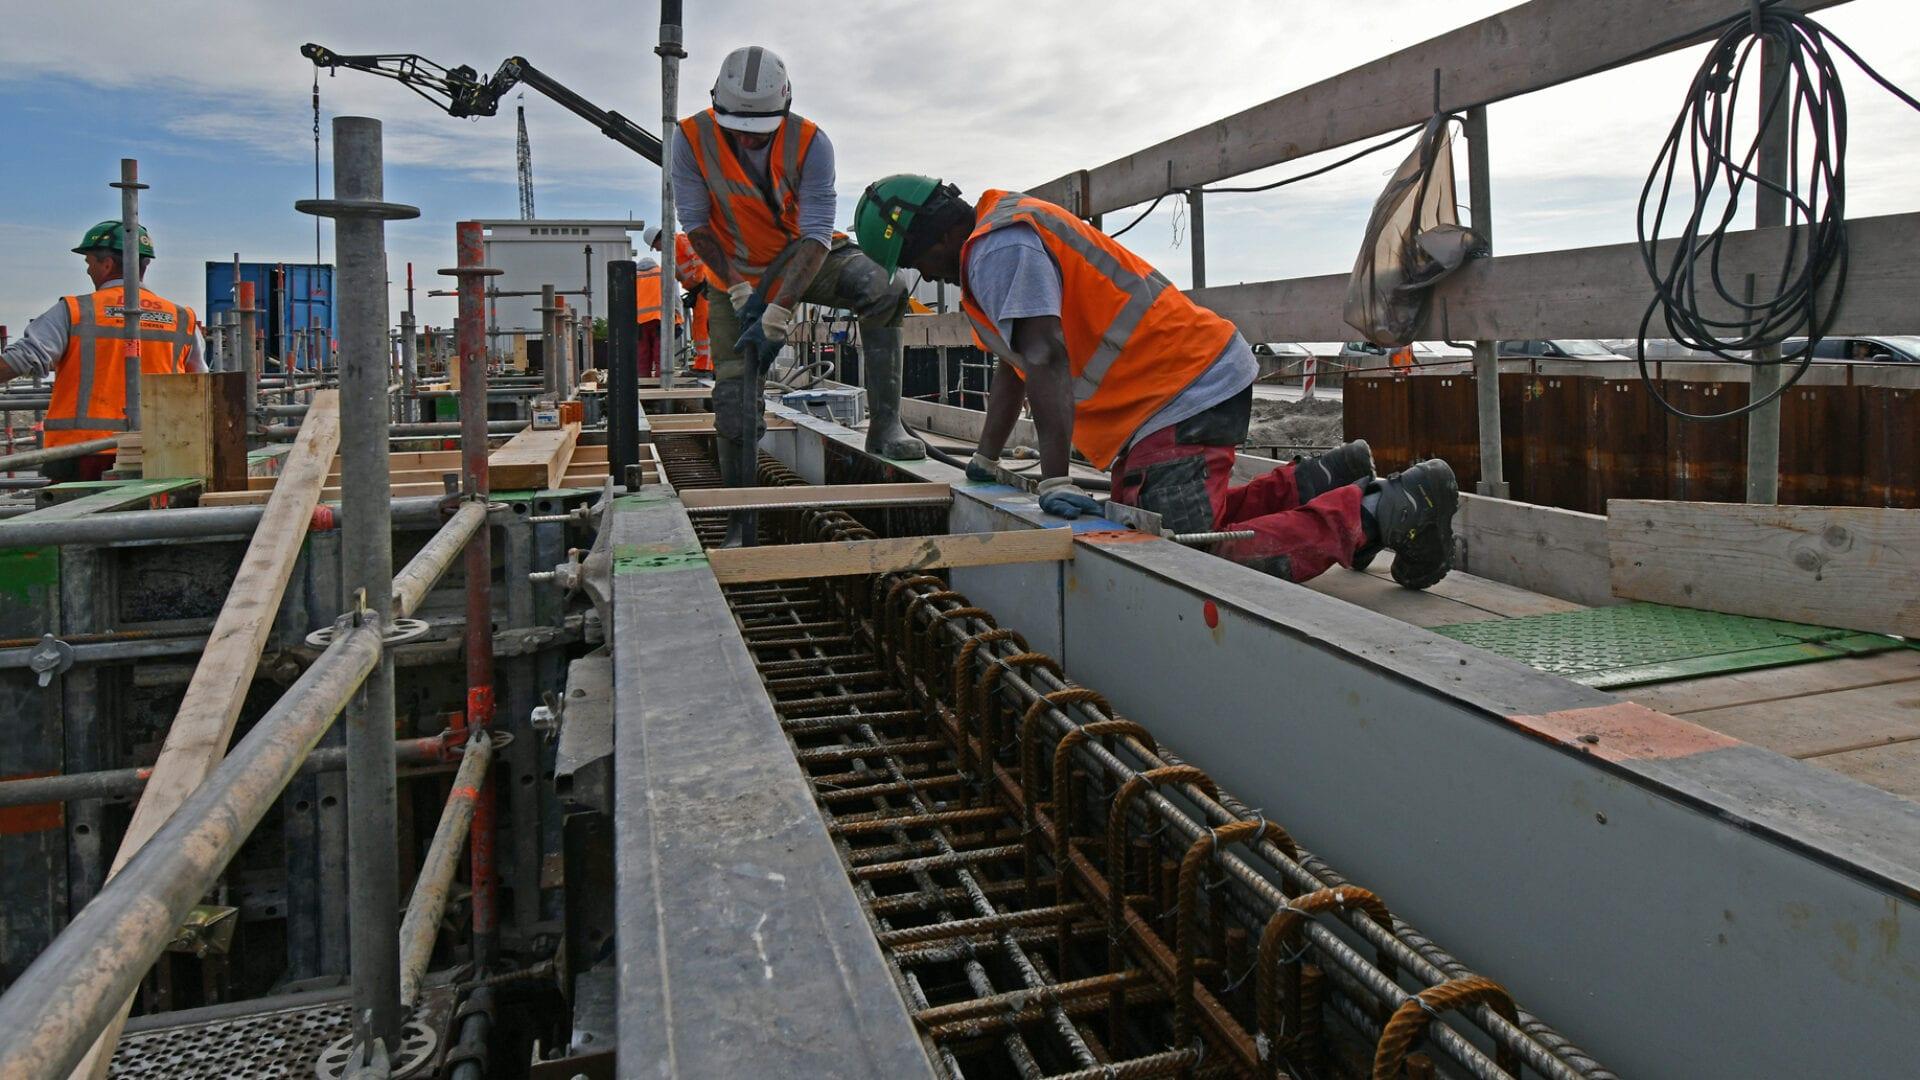 De voorwand van het gemaal wordt gestort. 14 vrachtwagens (ladingen) waren nodig om ca. 120 m3 beton voor deze wand aan te voeren.